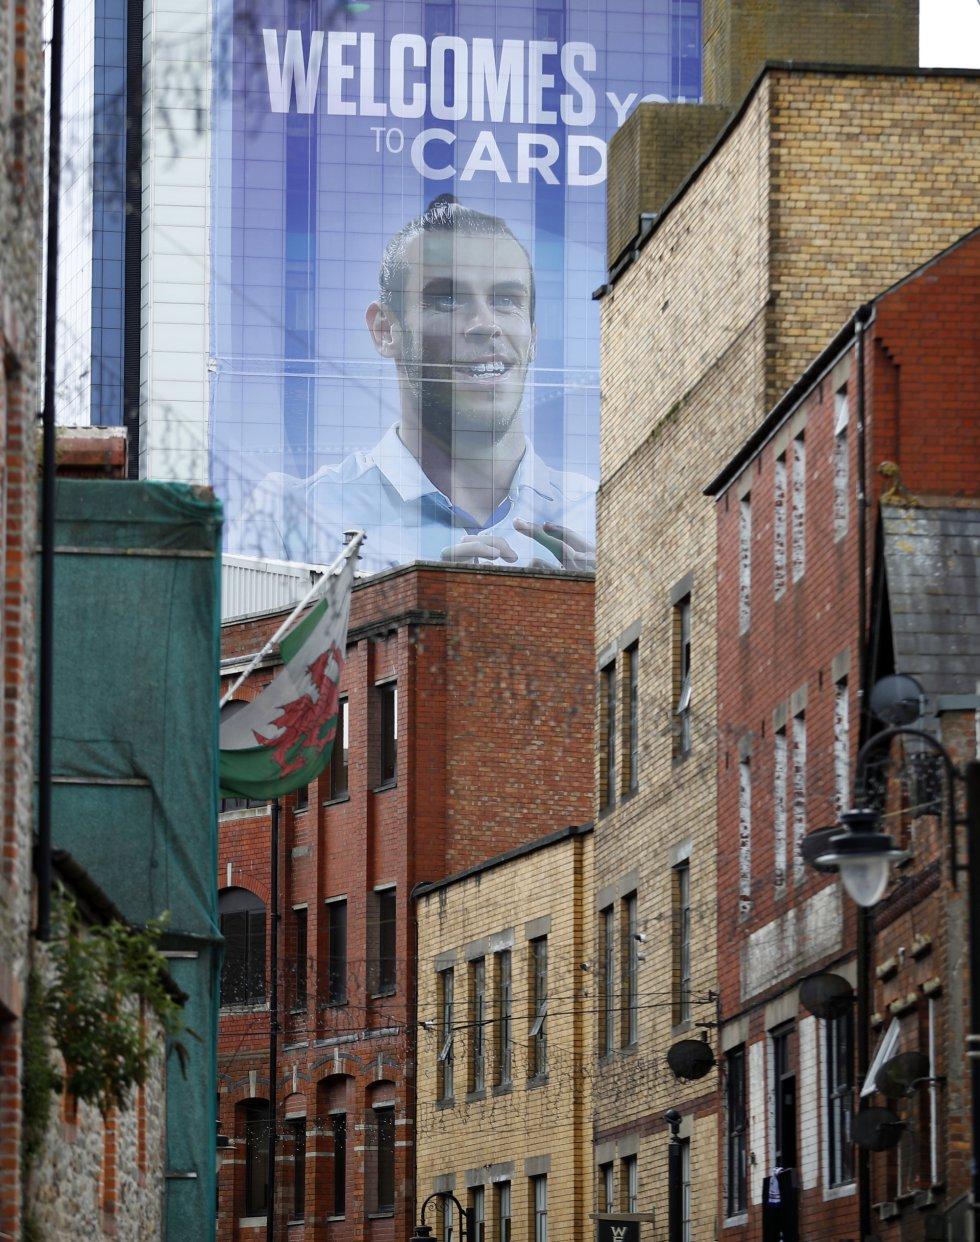 Mural de Gareth Bale, jugador del Real Madrid y natal de Gales, en la ciudad de Cardiff.